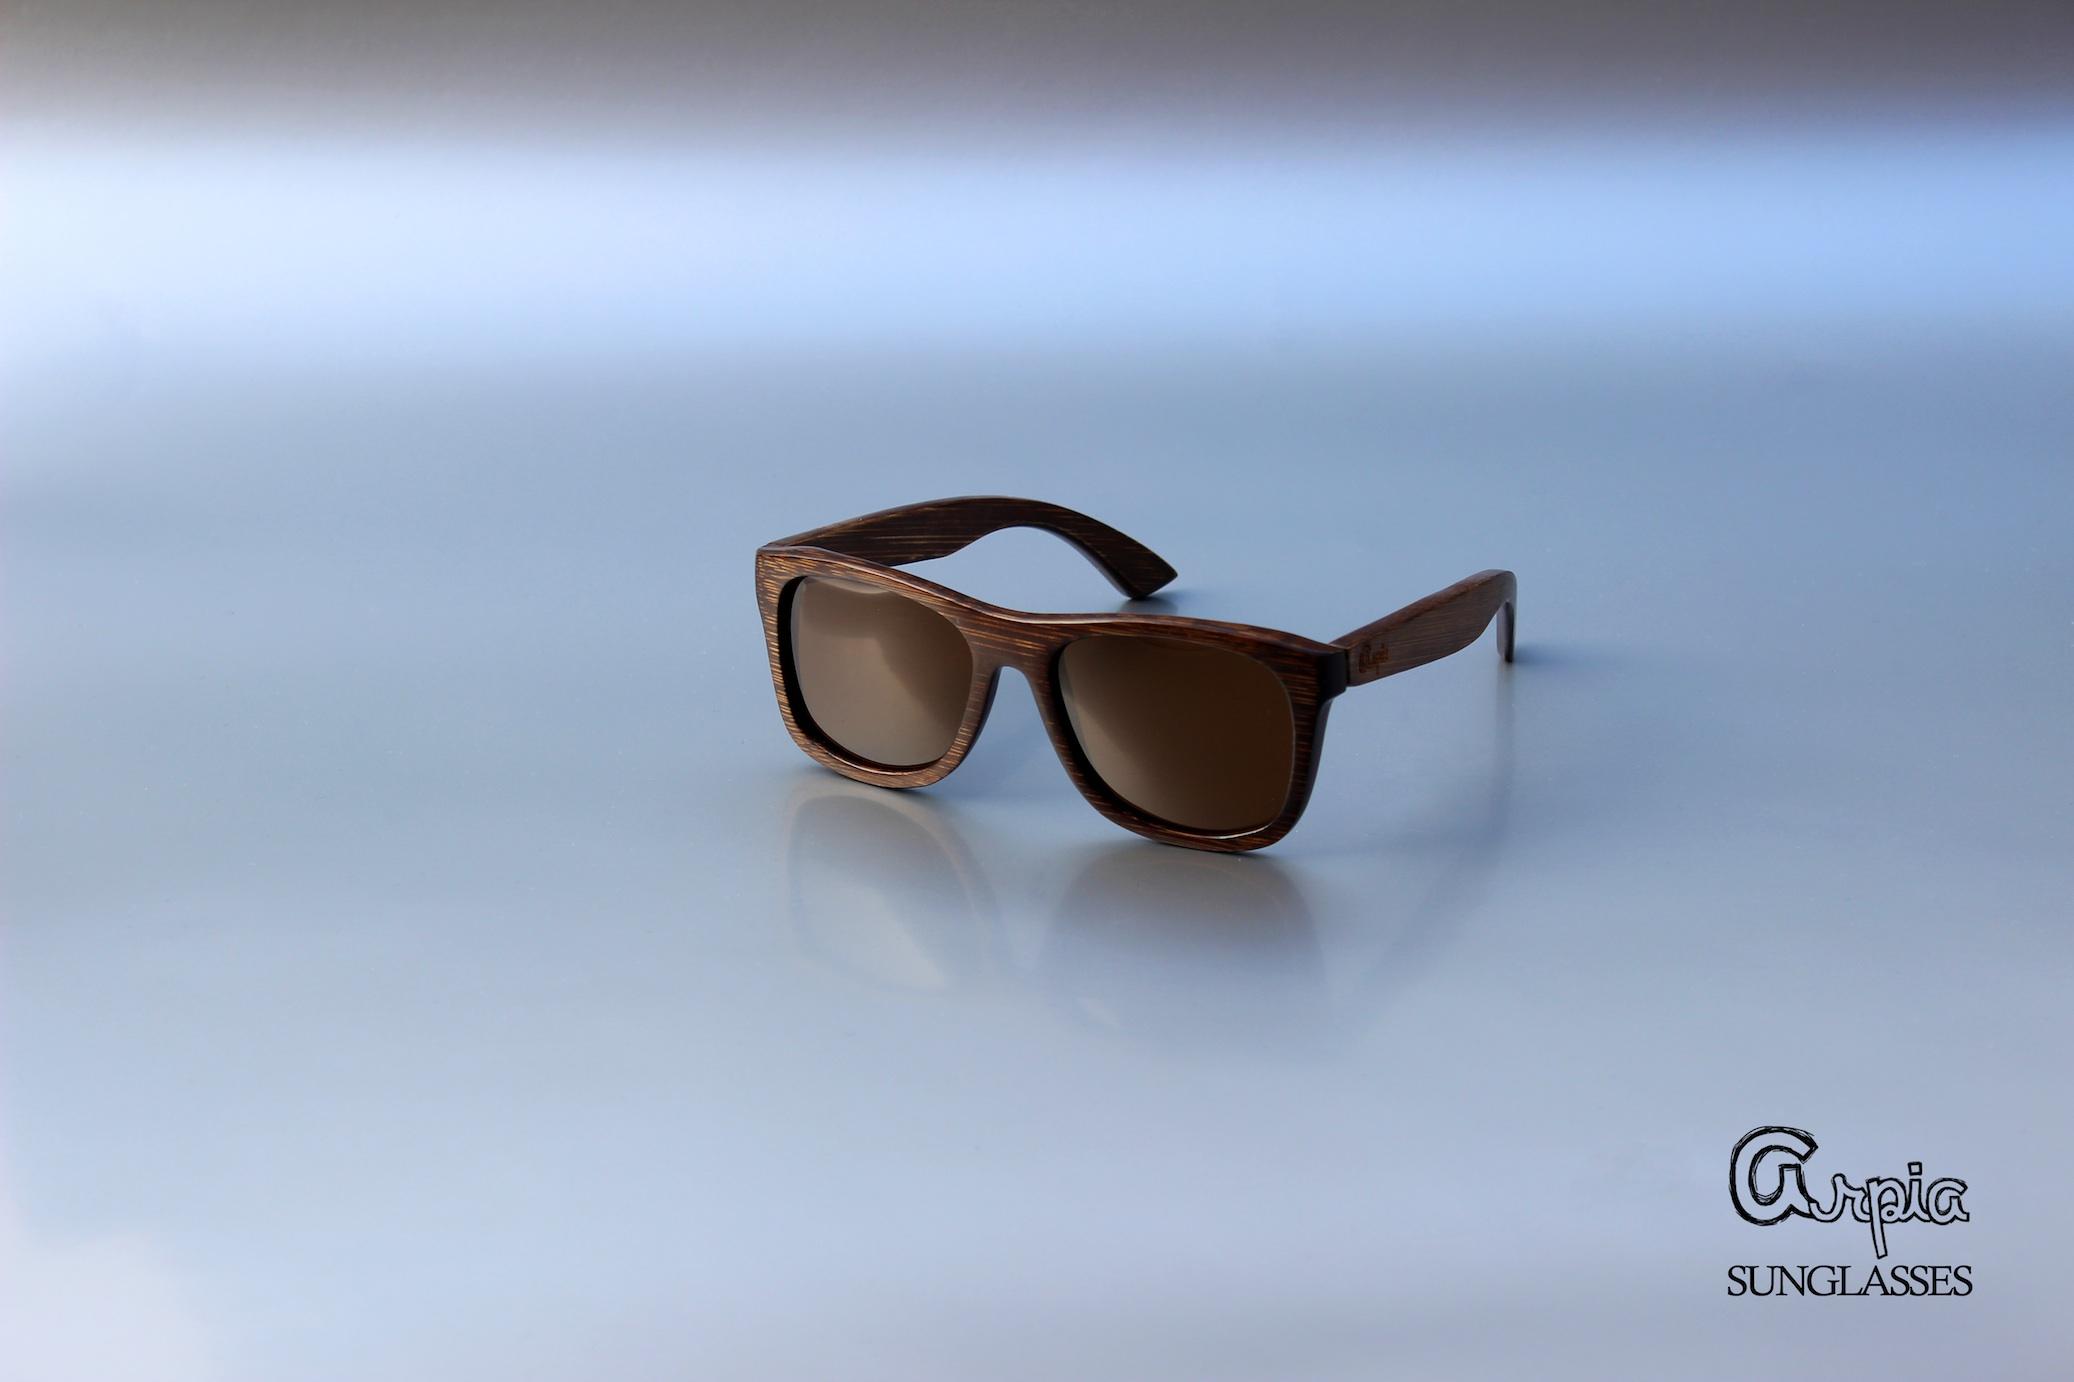 Arpia munich gli occhiali da sole in legno con lenti for Occhiali da sole montatura in legno